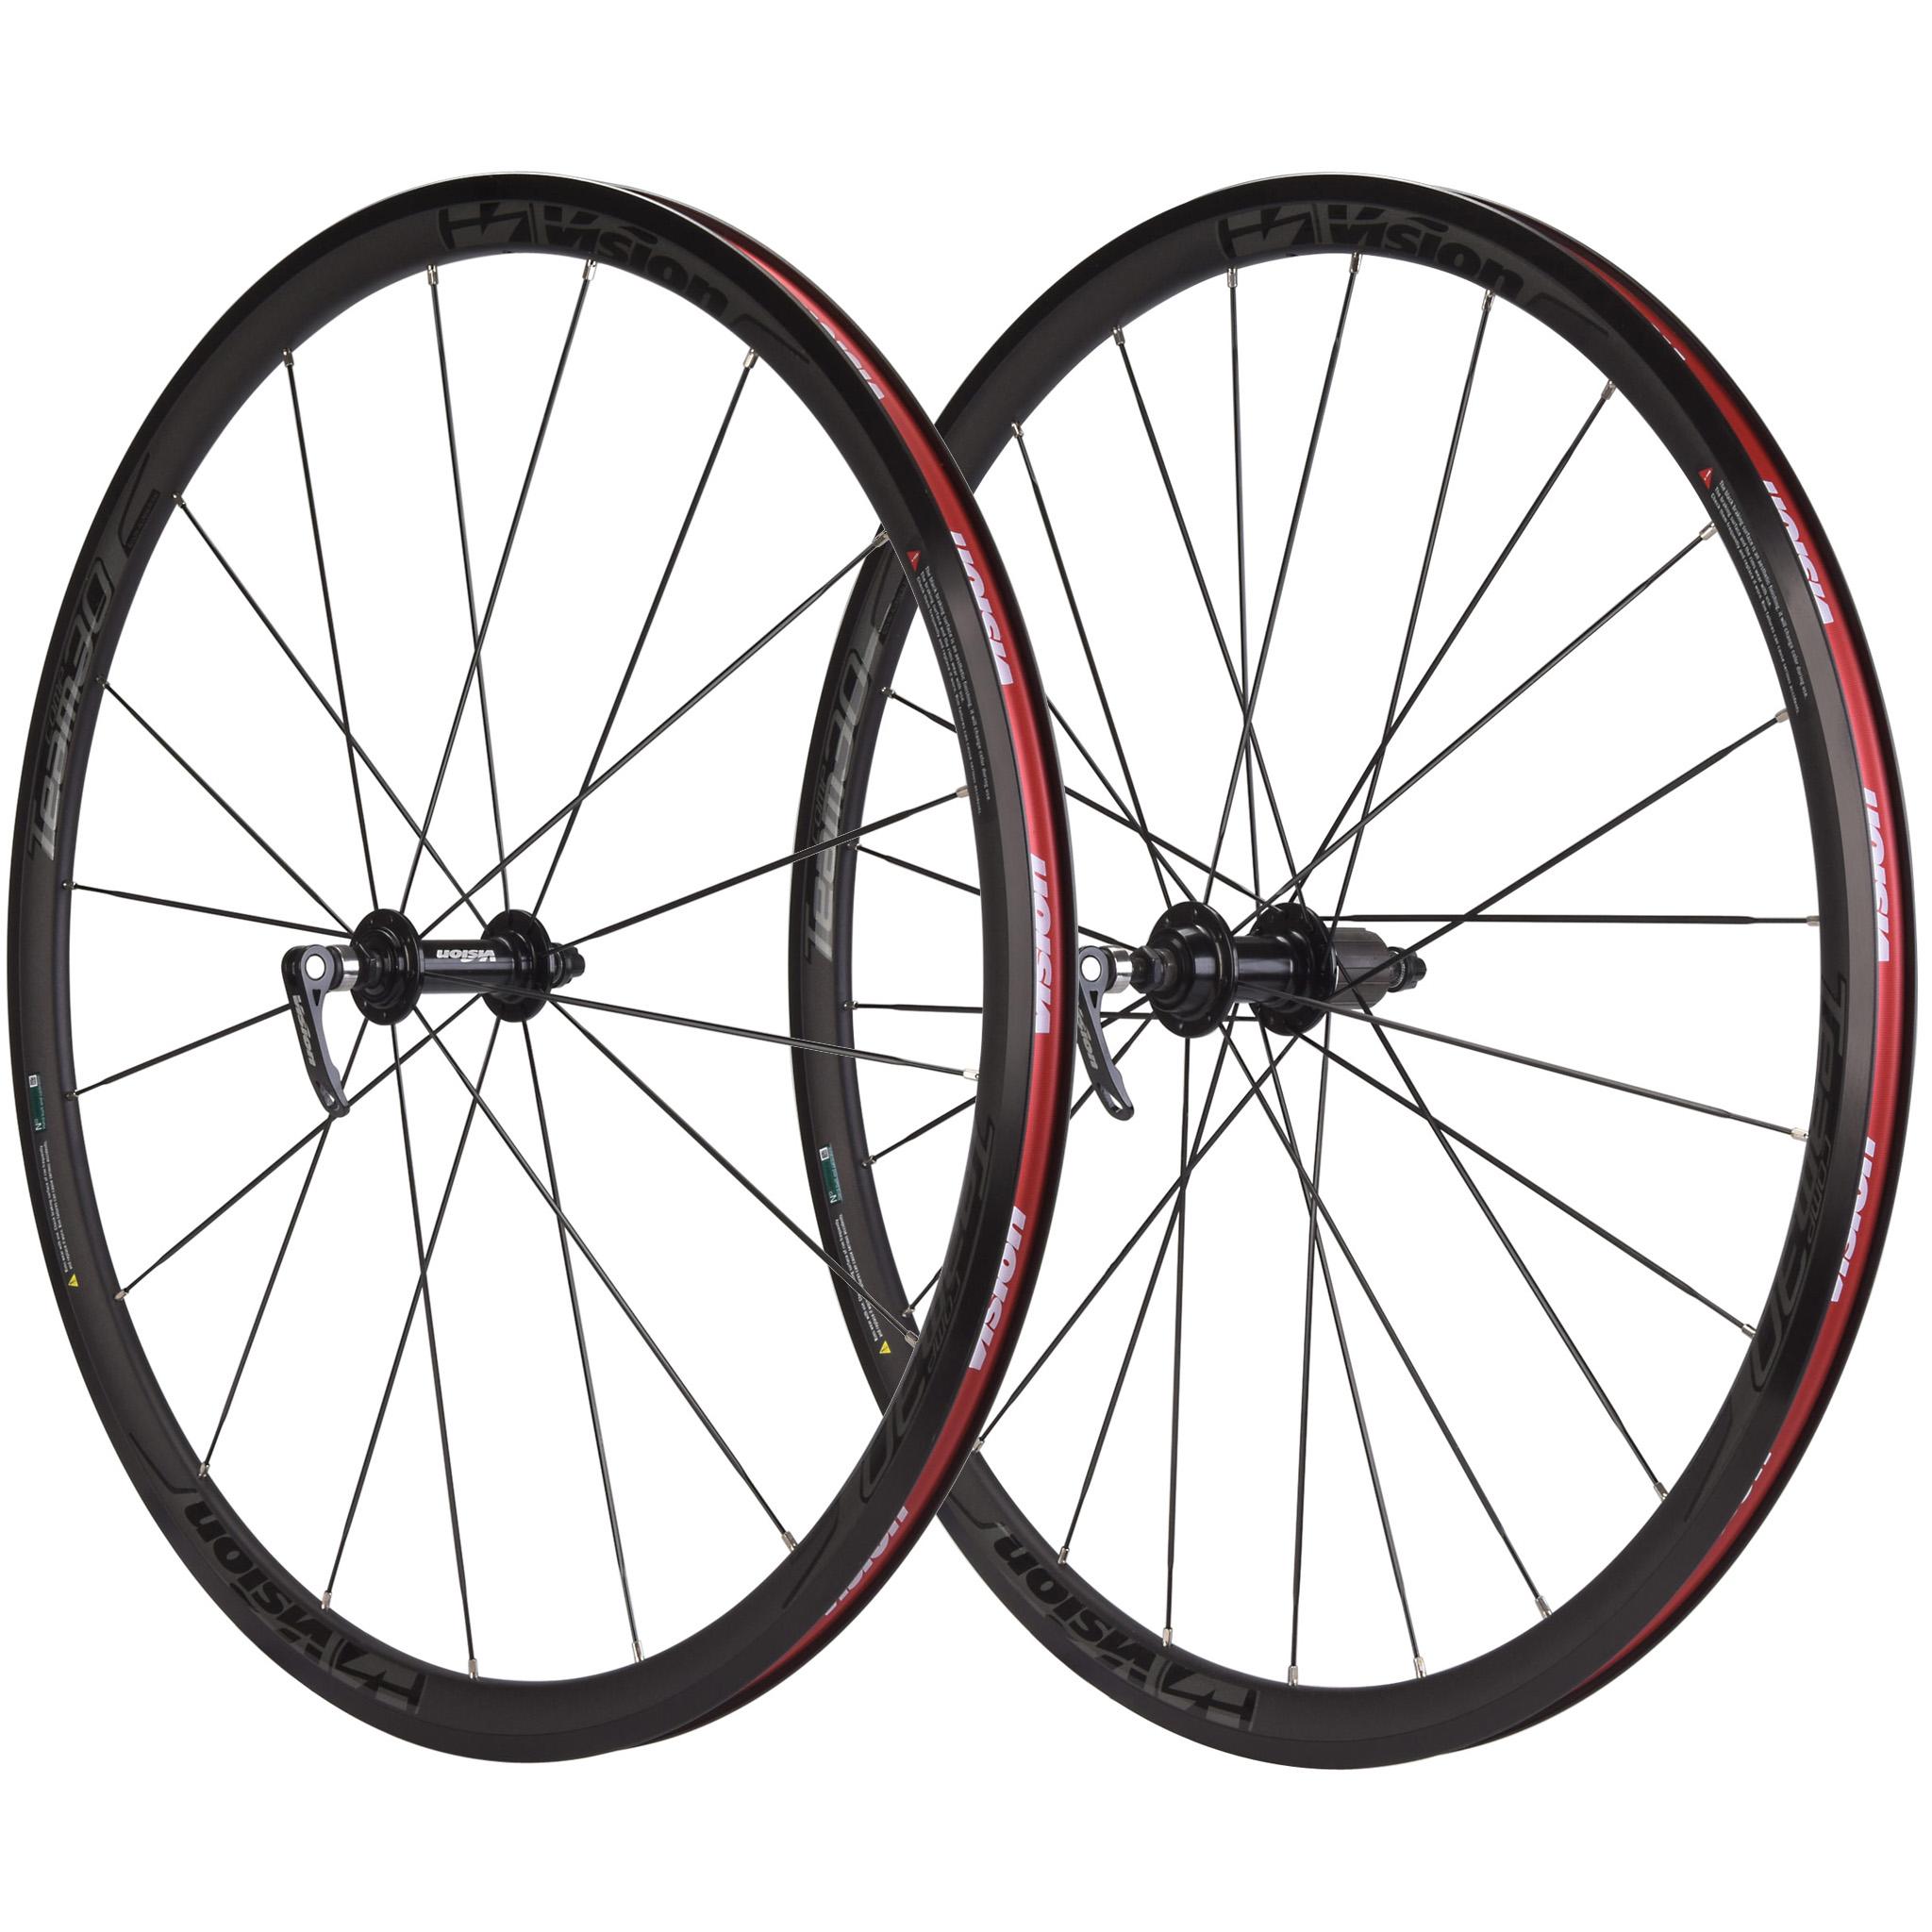 Par de ruedas VISION TEAM 30 COMP para cubiertas